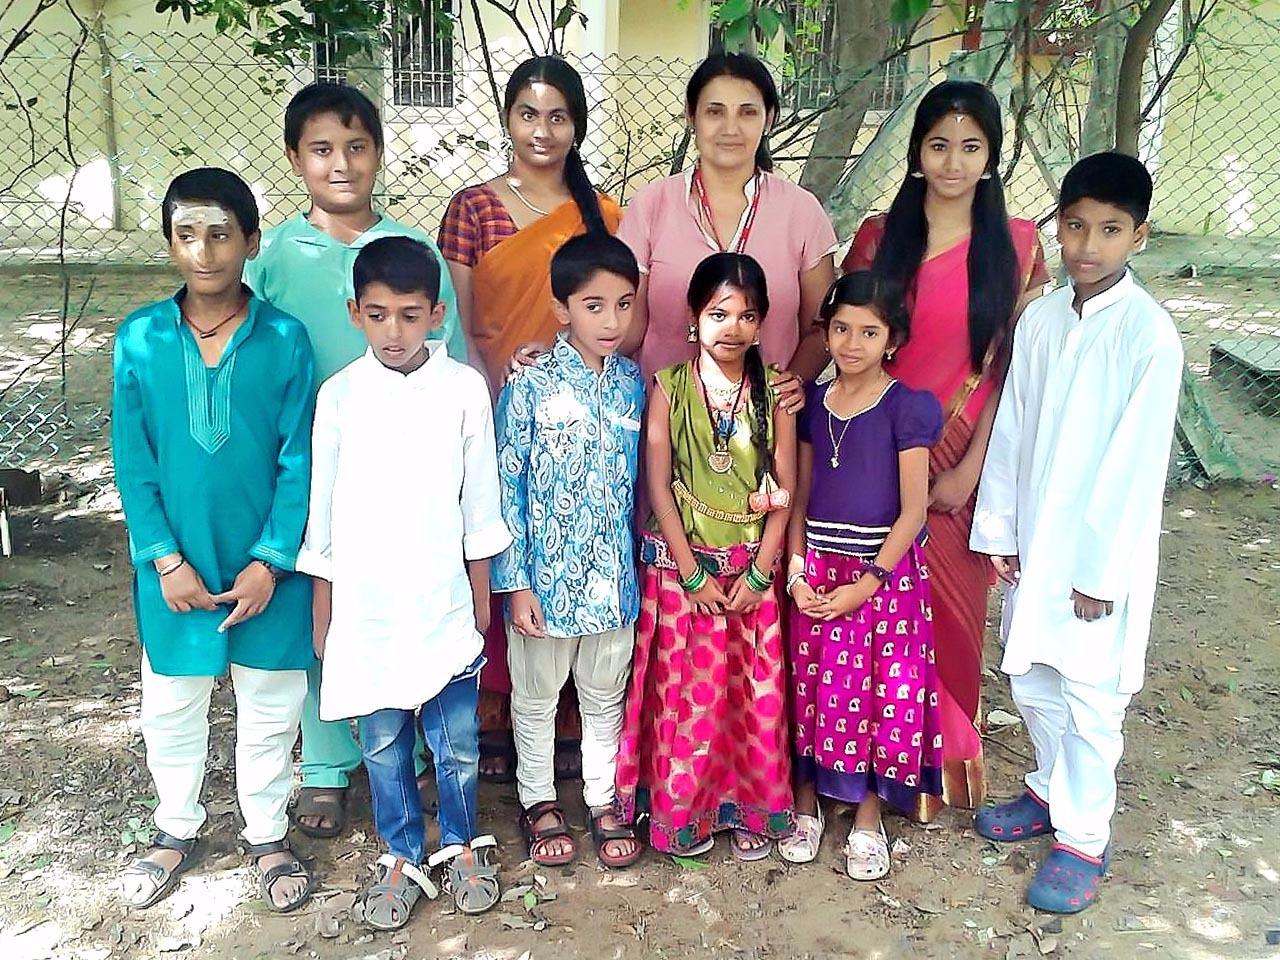 With Carnatic Life students during grade exams at Kalakshetra, Chennai